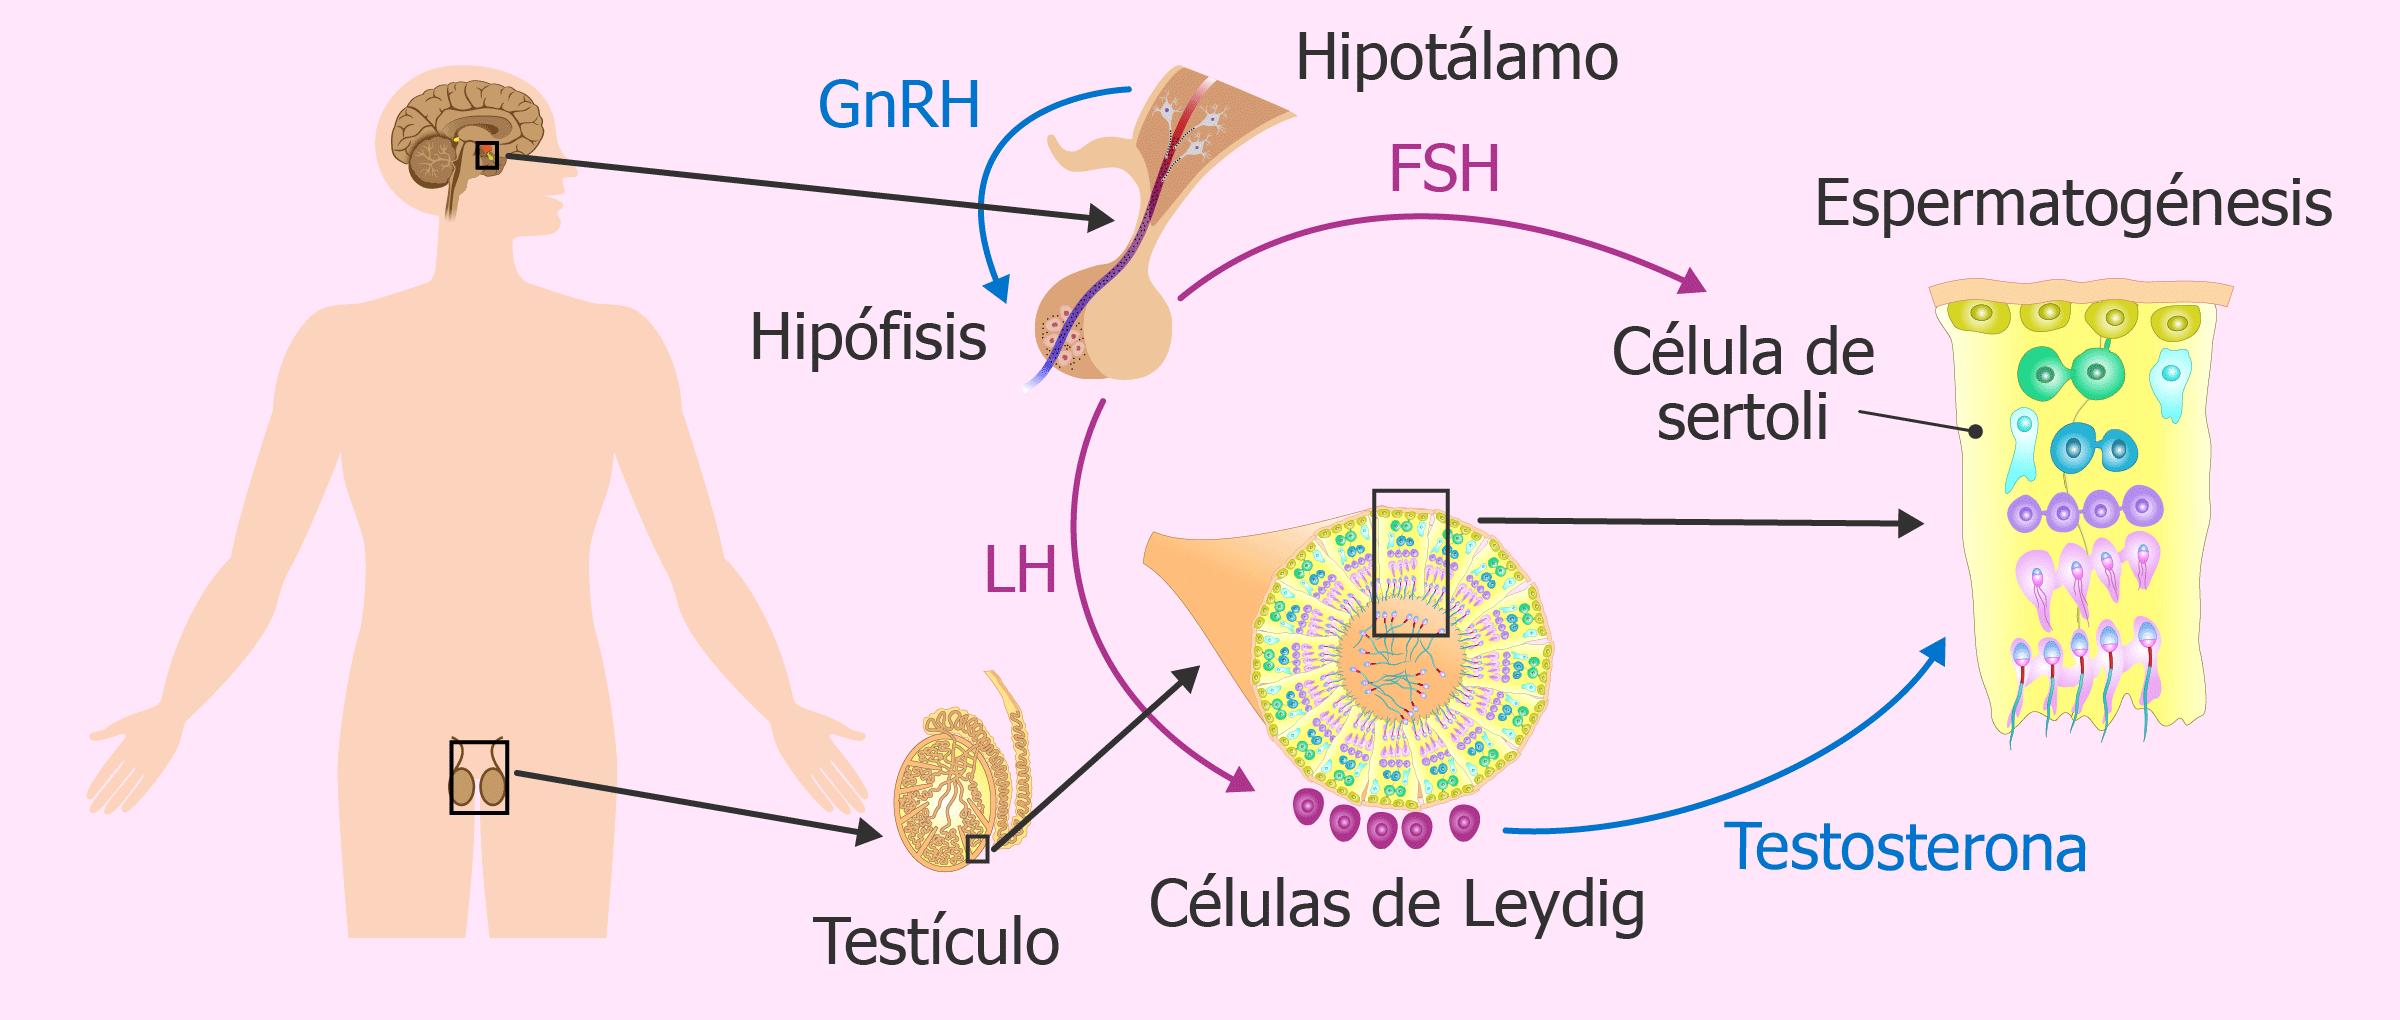 Las hormonas del hombre en el estudio de fertilidad